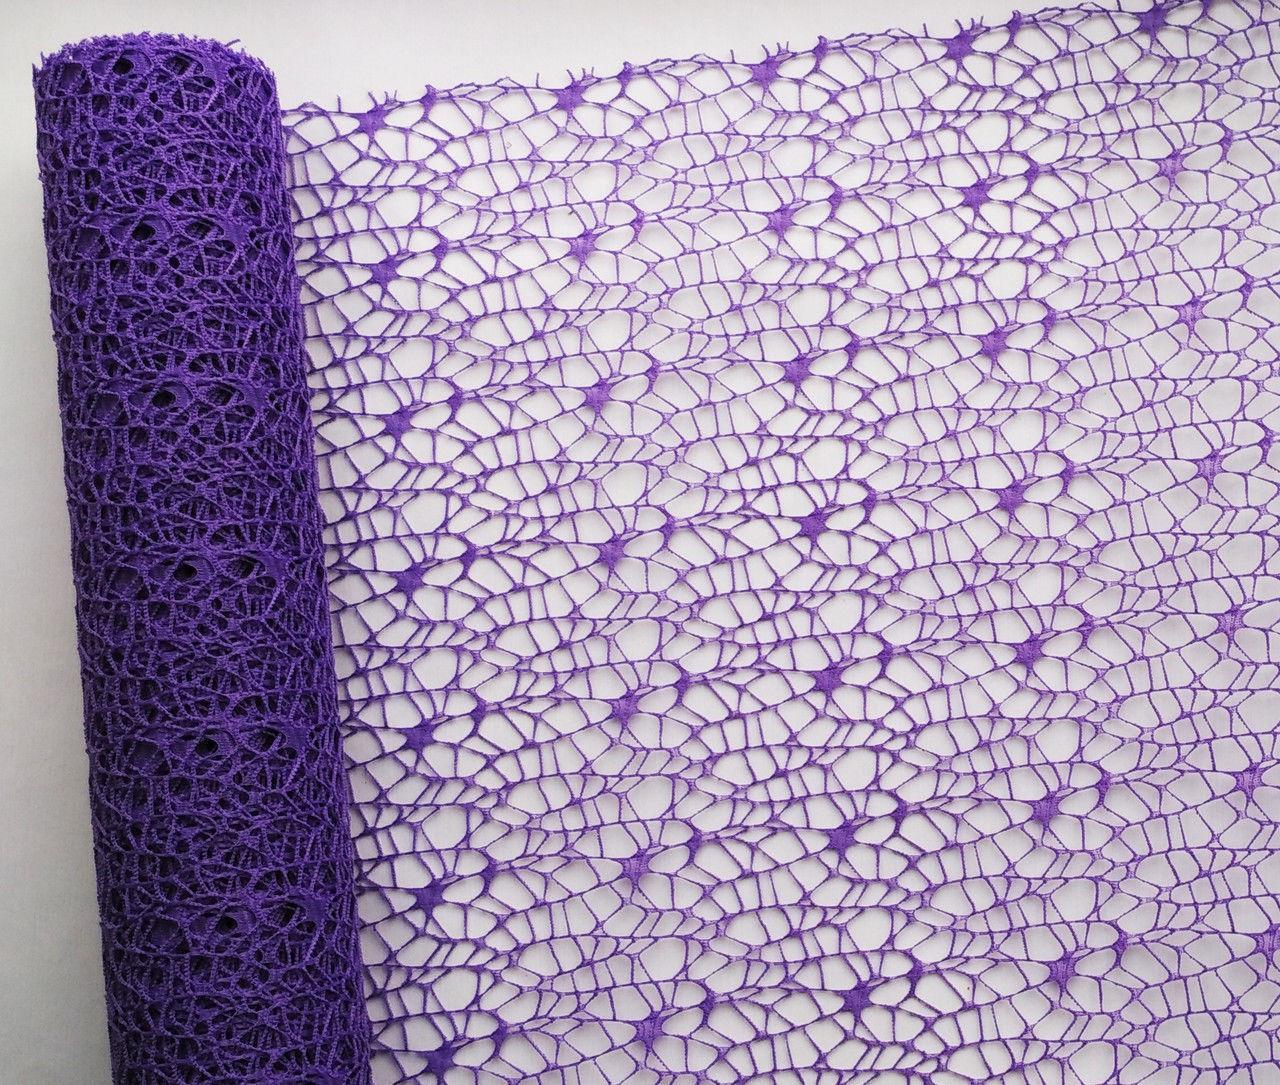 Сетка флористическая Poly net 1 фиолетовая 53см х 5ярдов - Крамничка флориста в Киеве